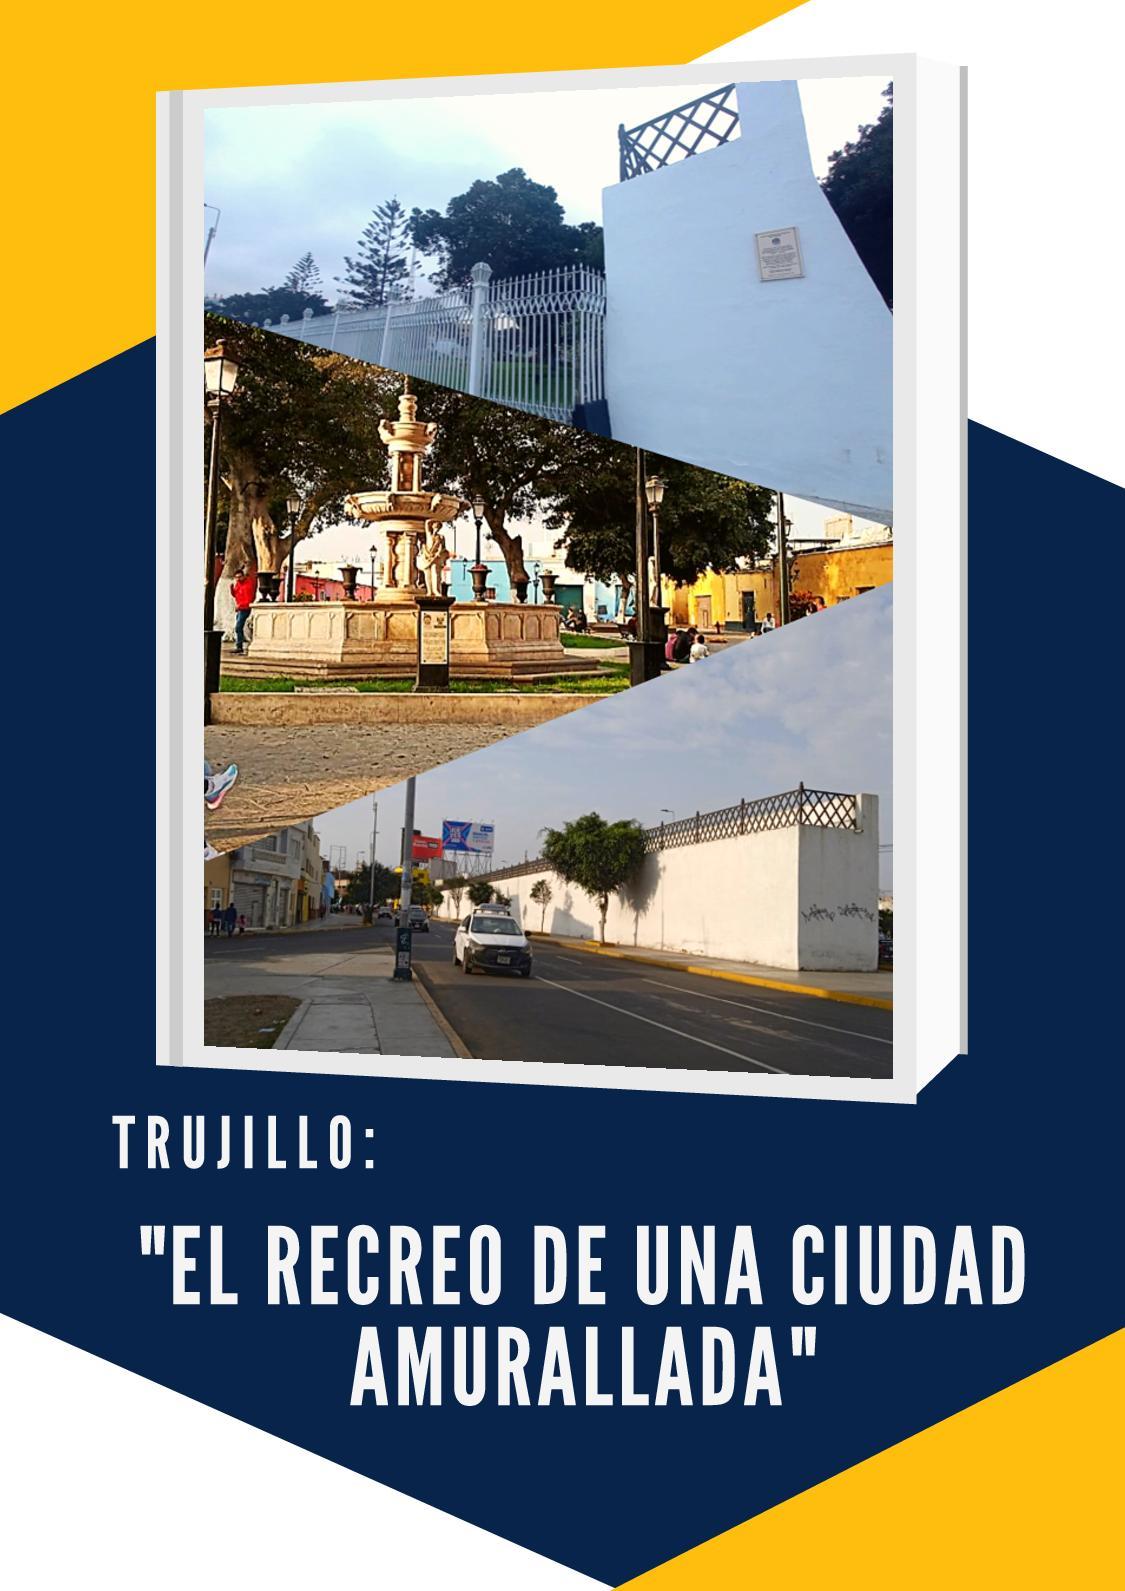 Trujillo El Recreo De Una Ciudad Amurallada